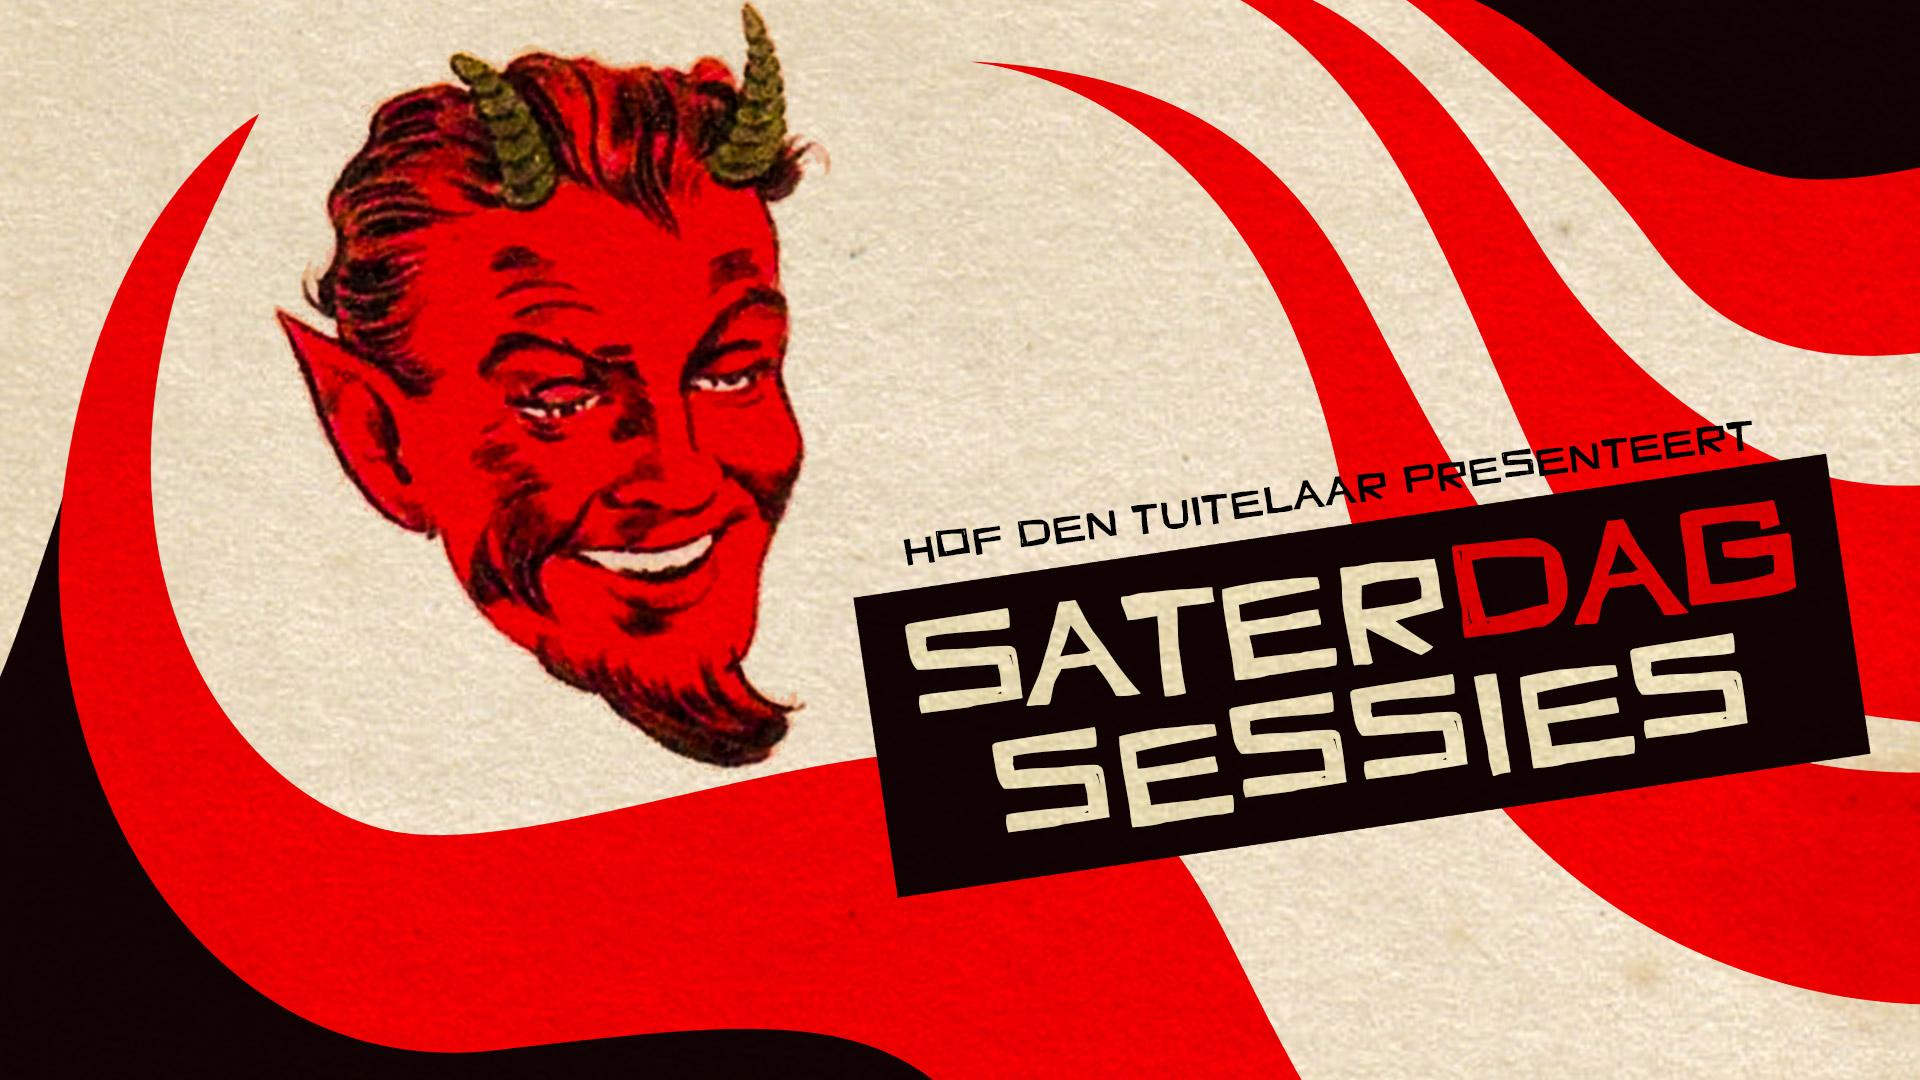 2021_TUITELAAR_SATER_FB_Algemeen